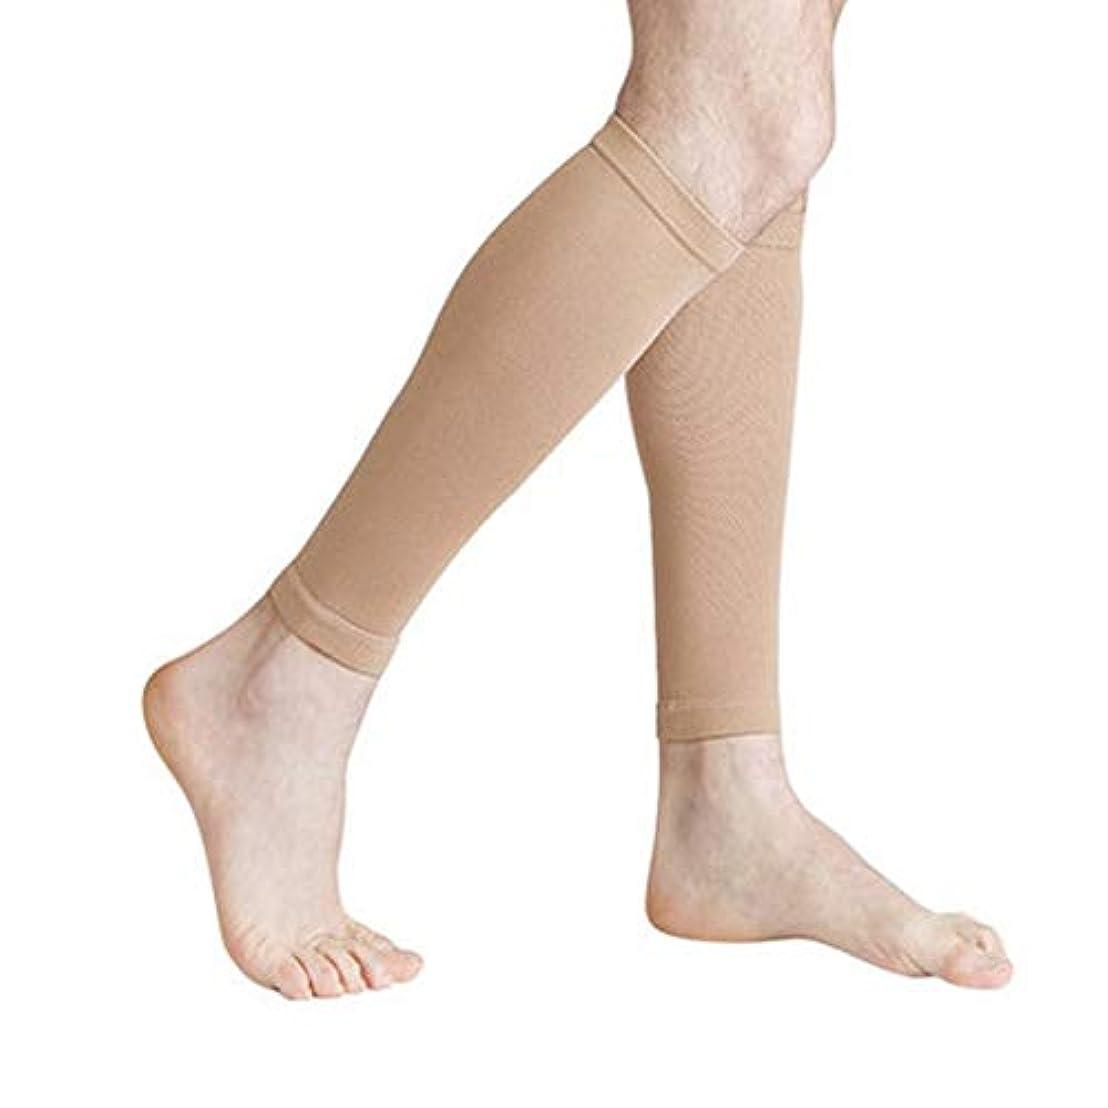 コーデリア郵便局ストローク丈夫な男性女性プロの圧縮靴下通気性のある旅行活動看護師用シントスプリントフライトトラベル - 肌色